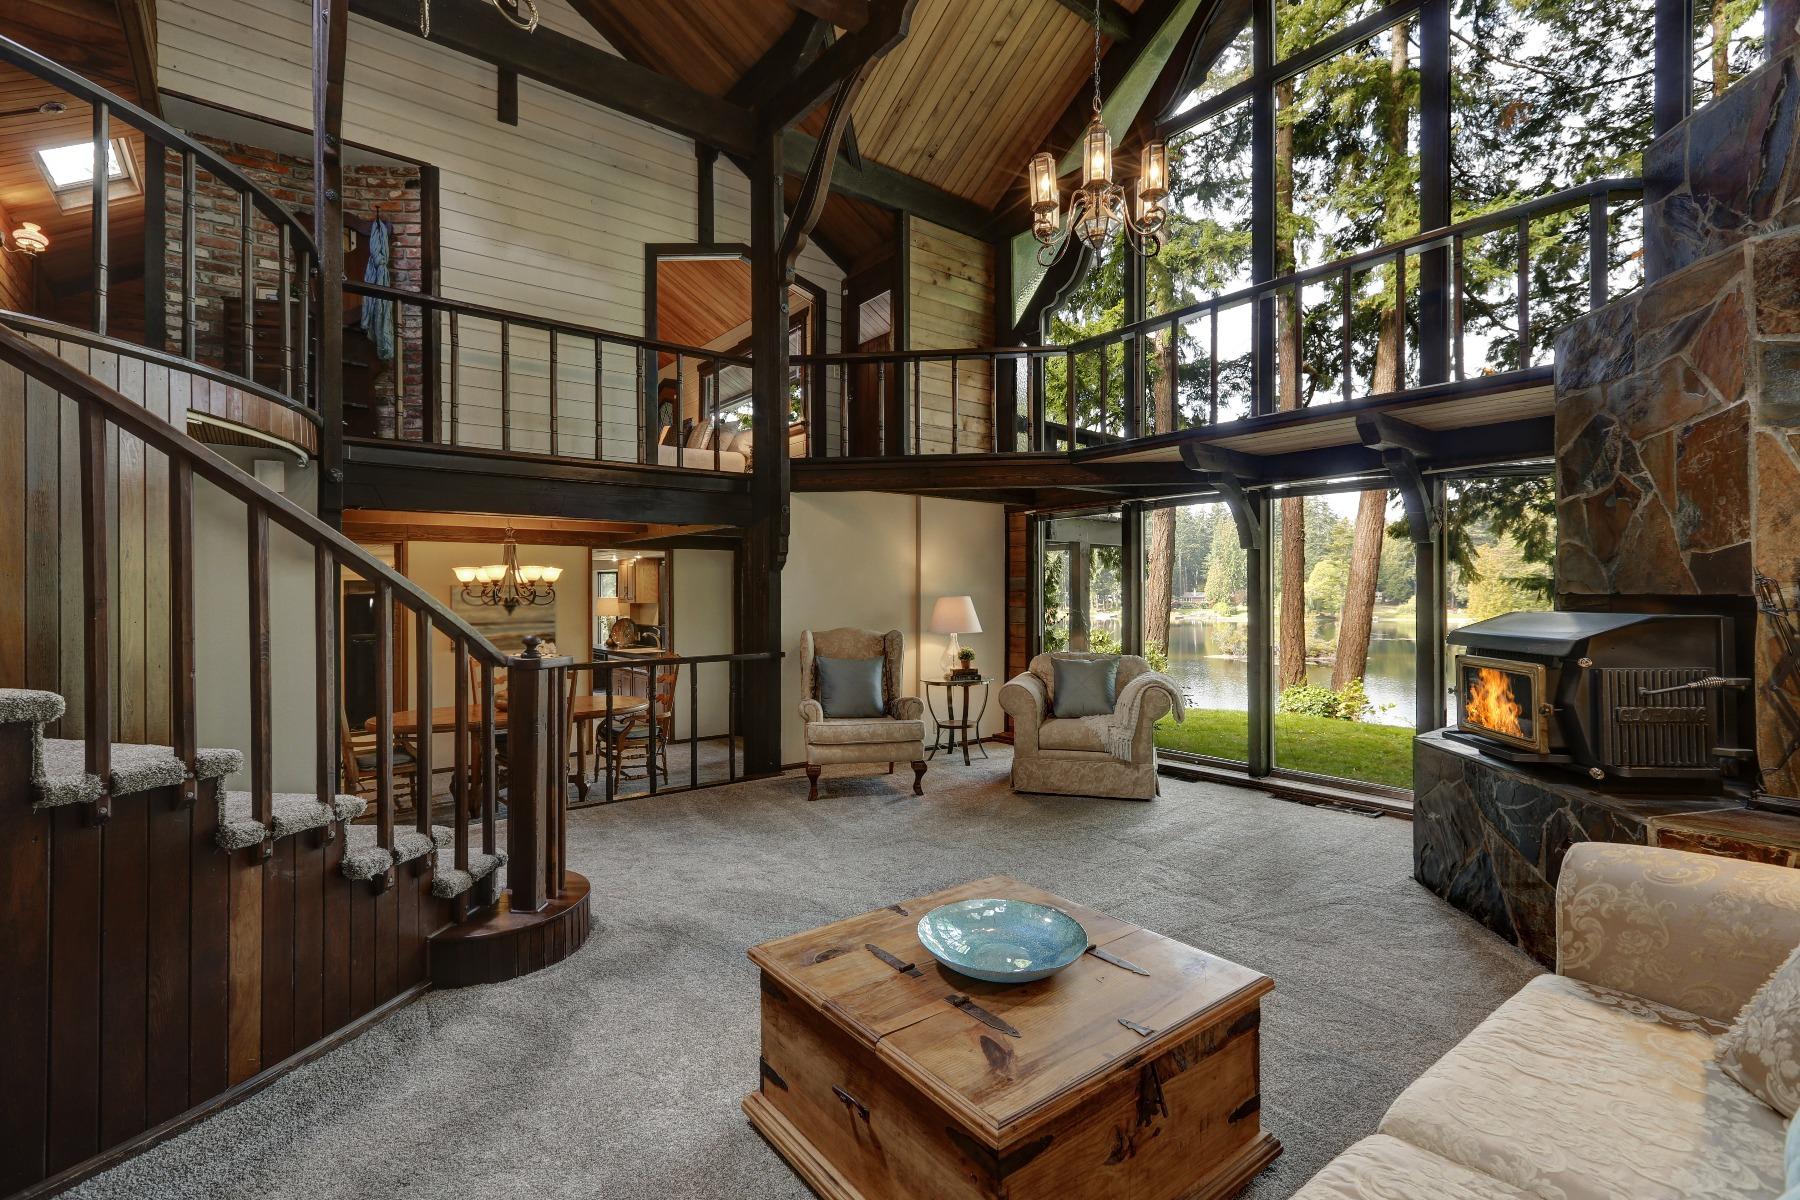 Das Bild zeigt Holzmöbel im Landhausstil.